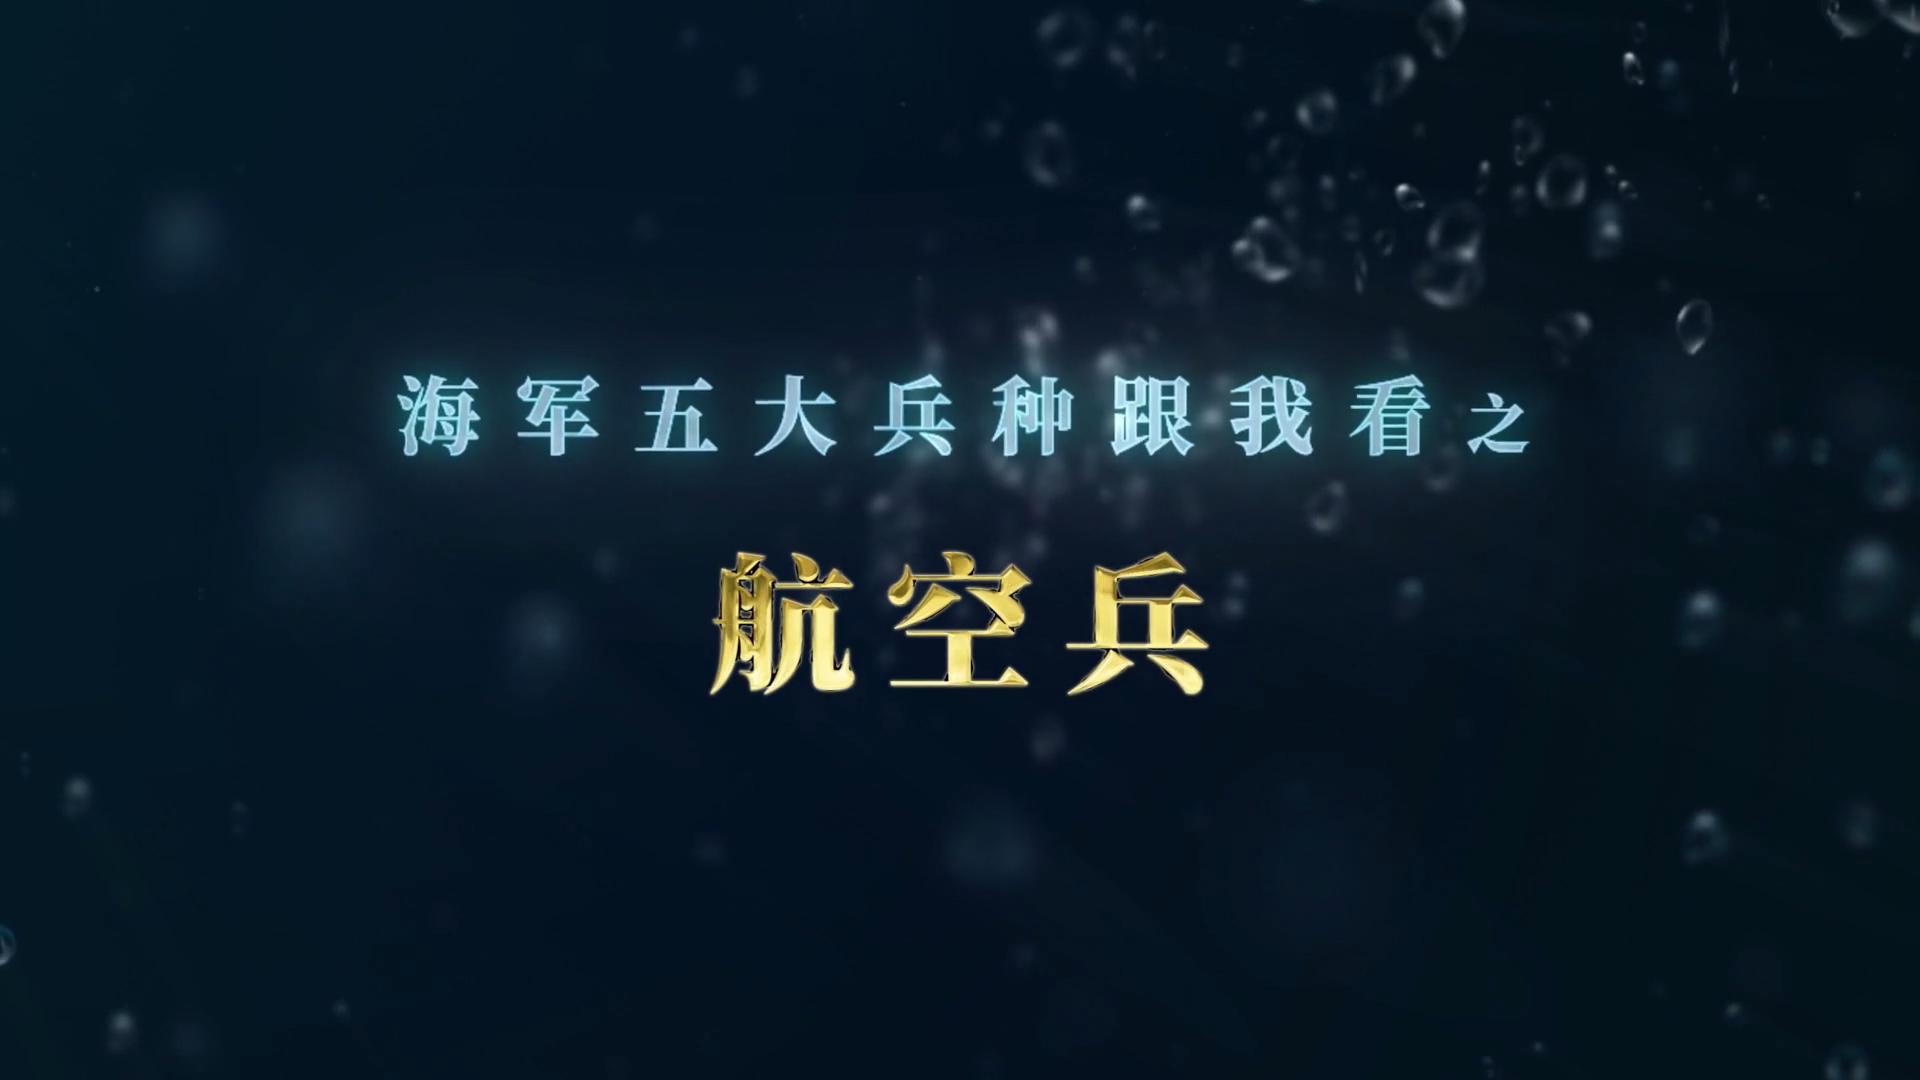 """""""海軍五大兵種跟我看""""之 航空兵宣傳片"""